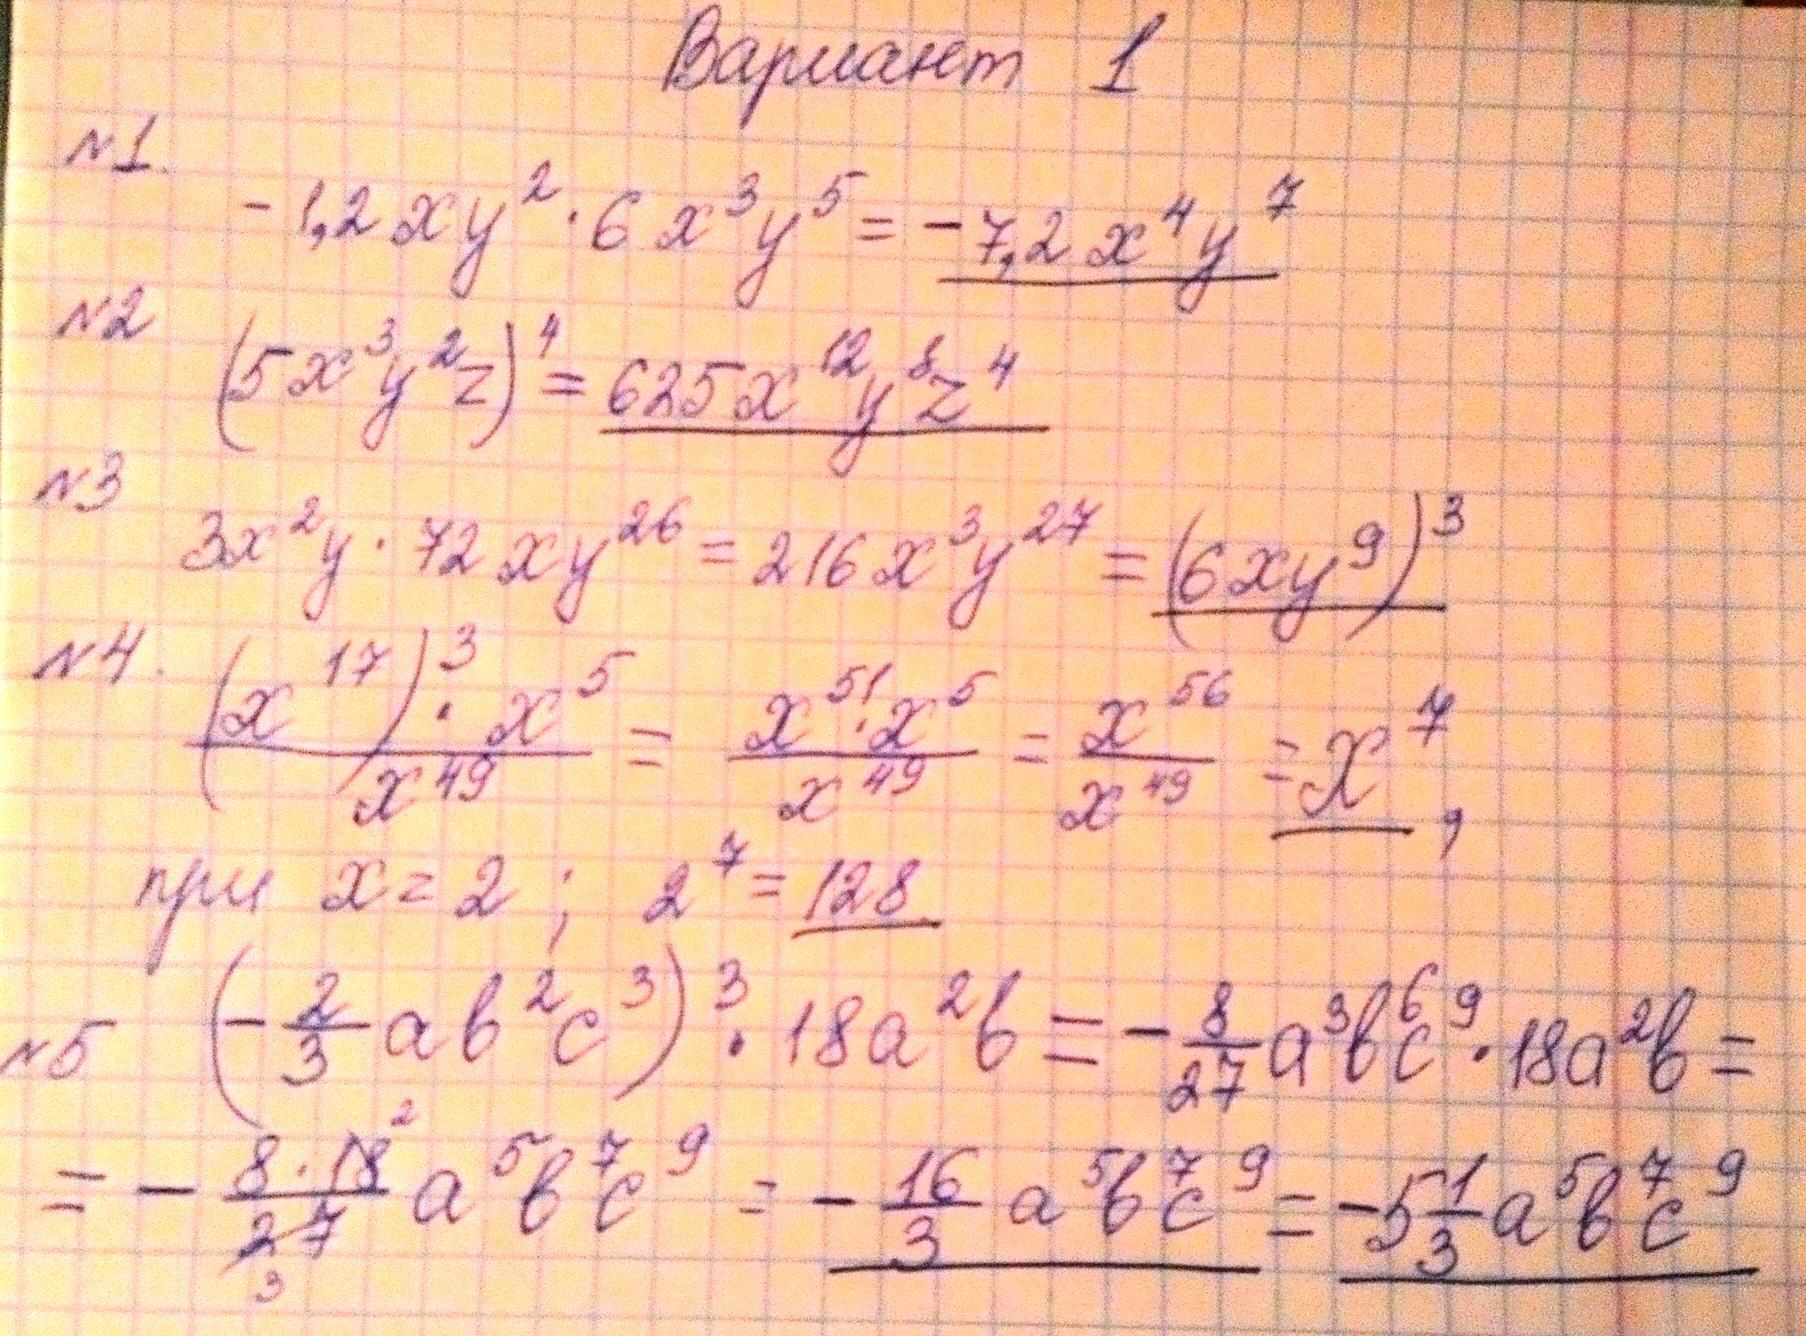 Контрольная работа по алгебре на тему Одночлены класс  hello html 66e3fcea jpg